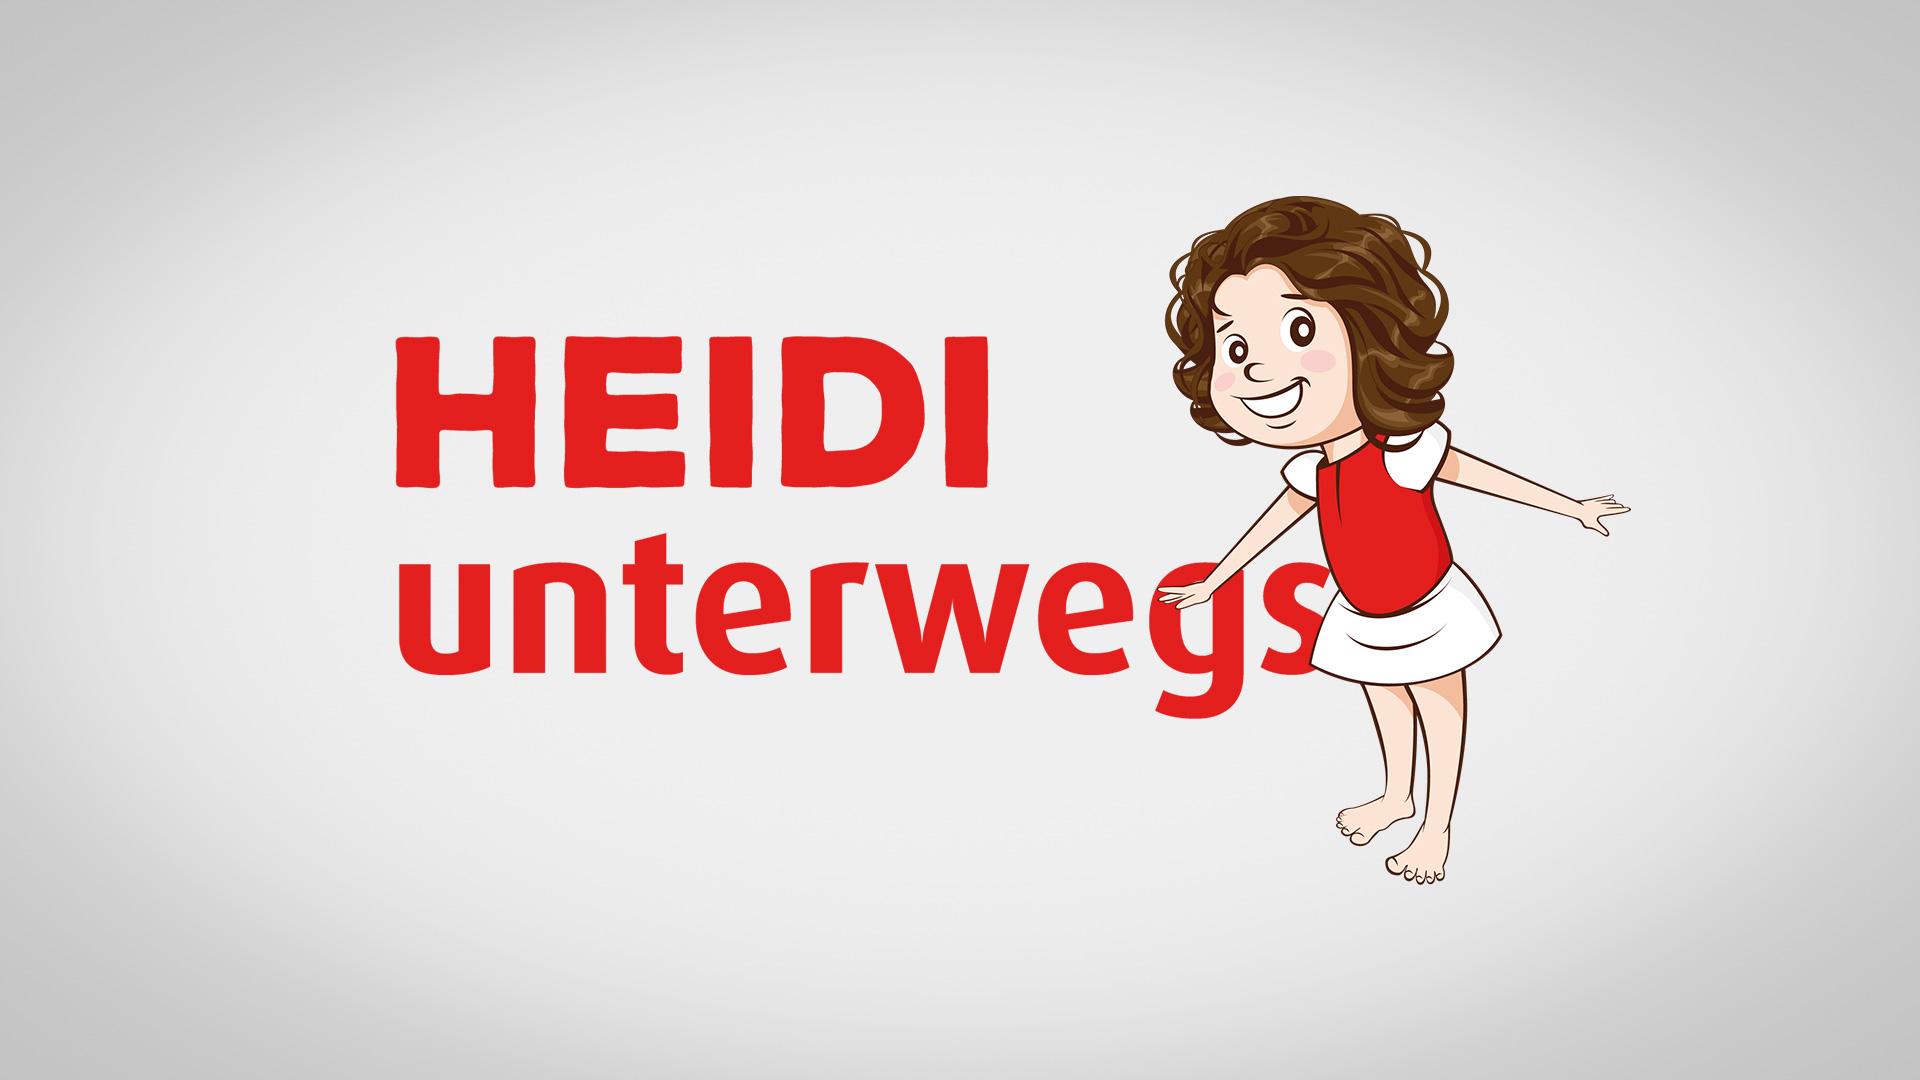 Heidi-unterwegs_2